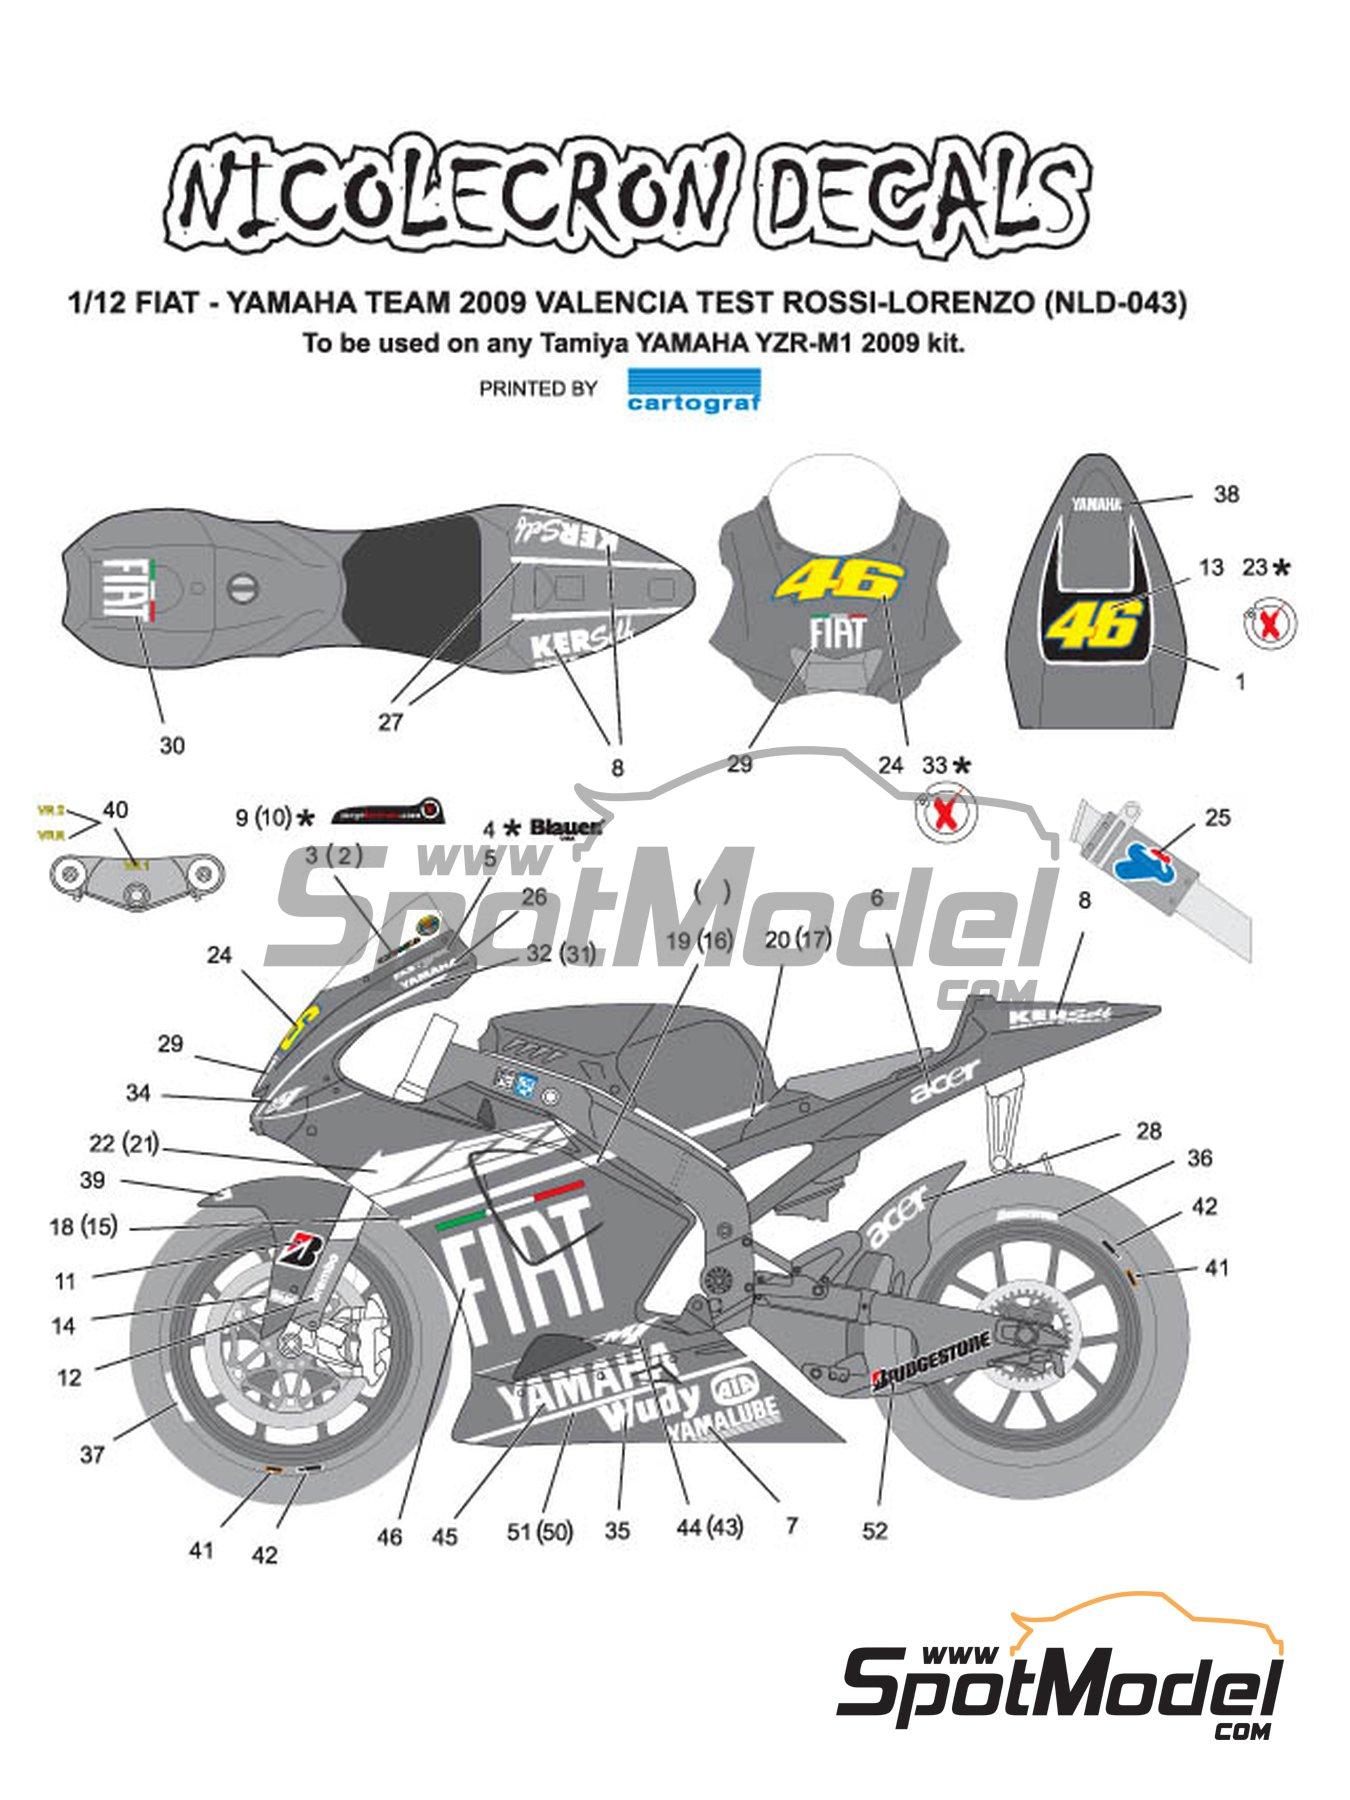 Yamaha YZR-M1 - Version de test 2009 | Decoración en escala1/12 fabricado por Nicolecron Decals (ref.NLD-043) image